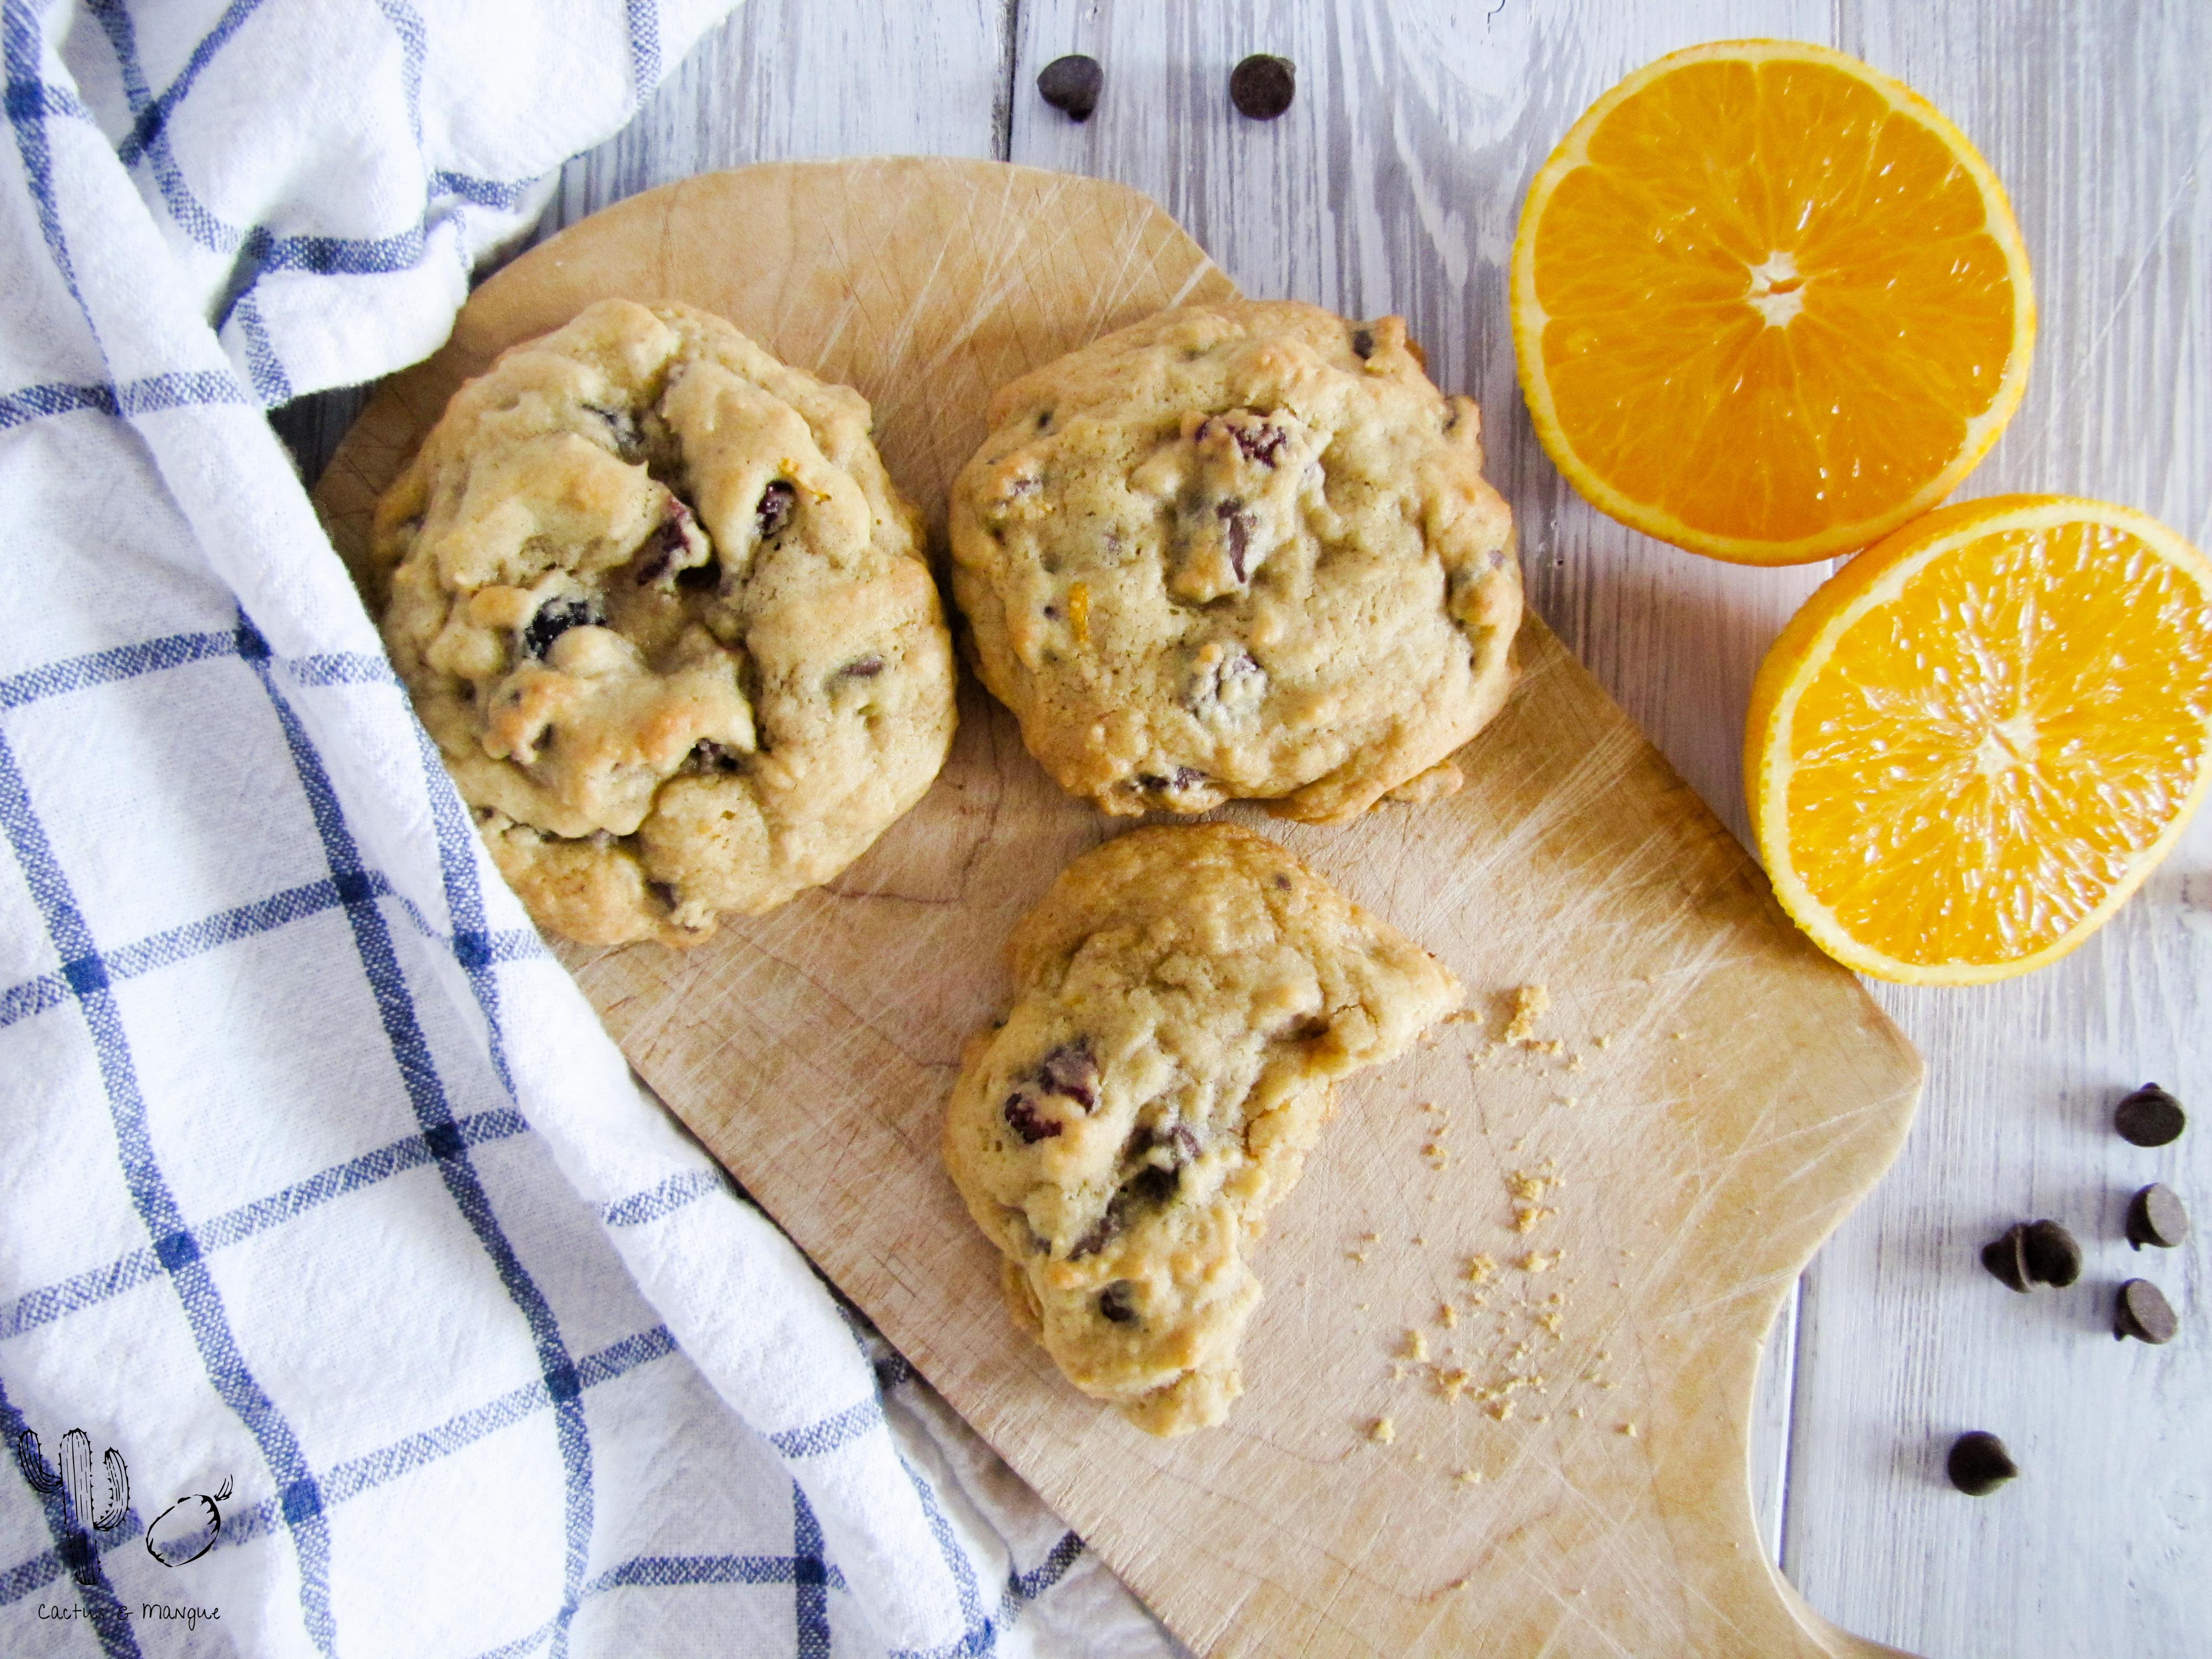 Biscuits à l'orange, chocolat et canneberges